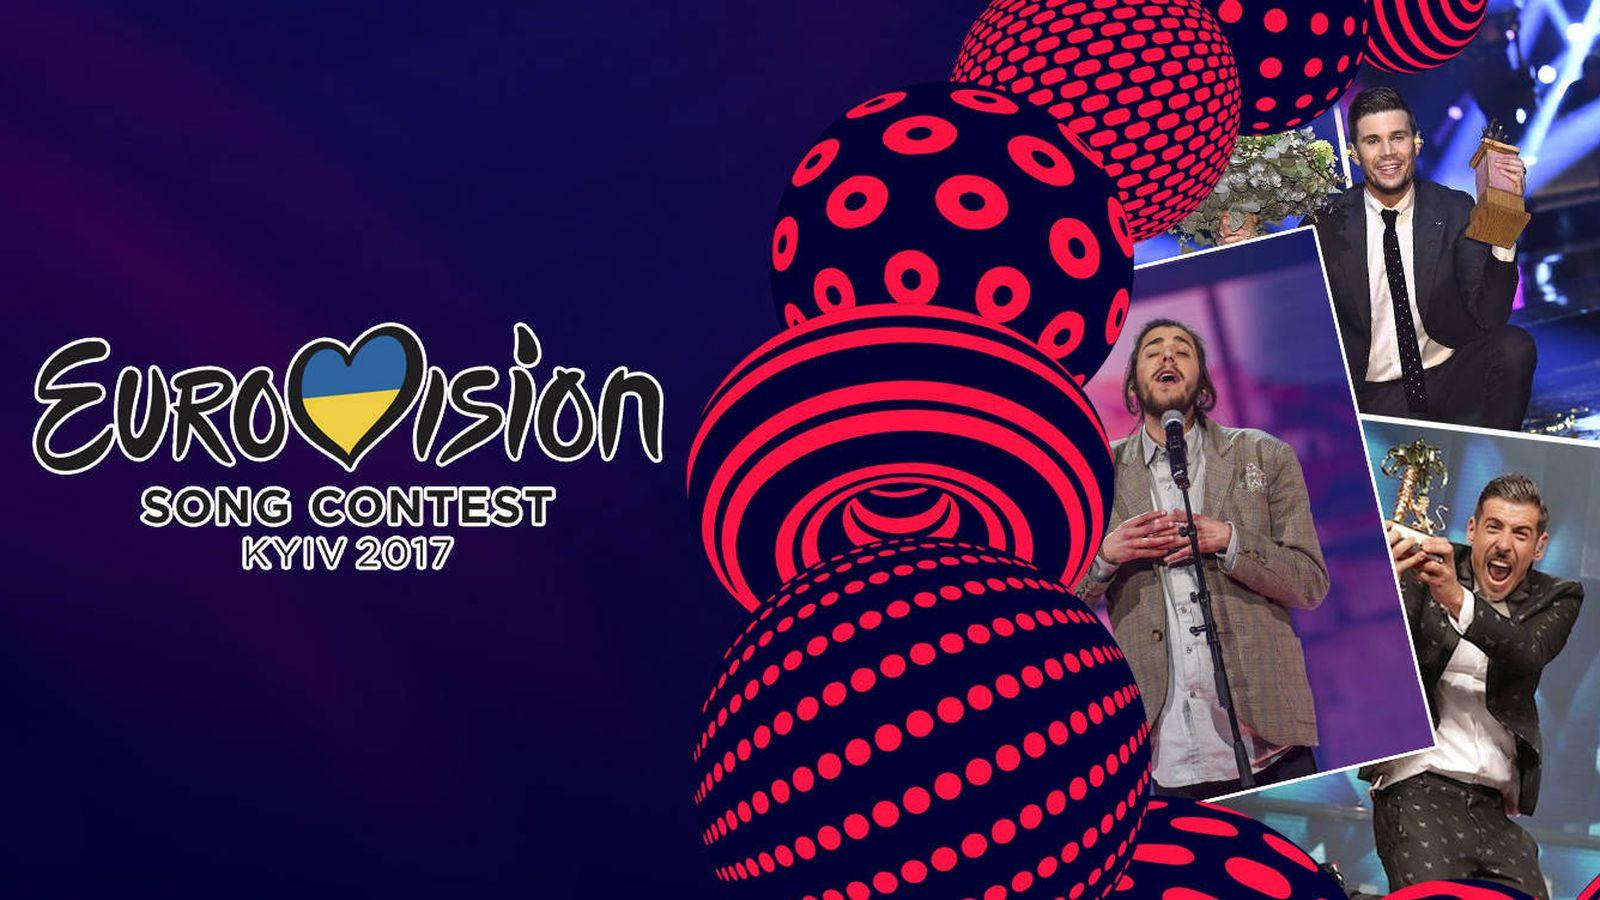 Foto: Italia, Portugal y Suecia, favoritos para ganar Eurovisión 2017